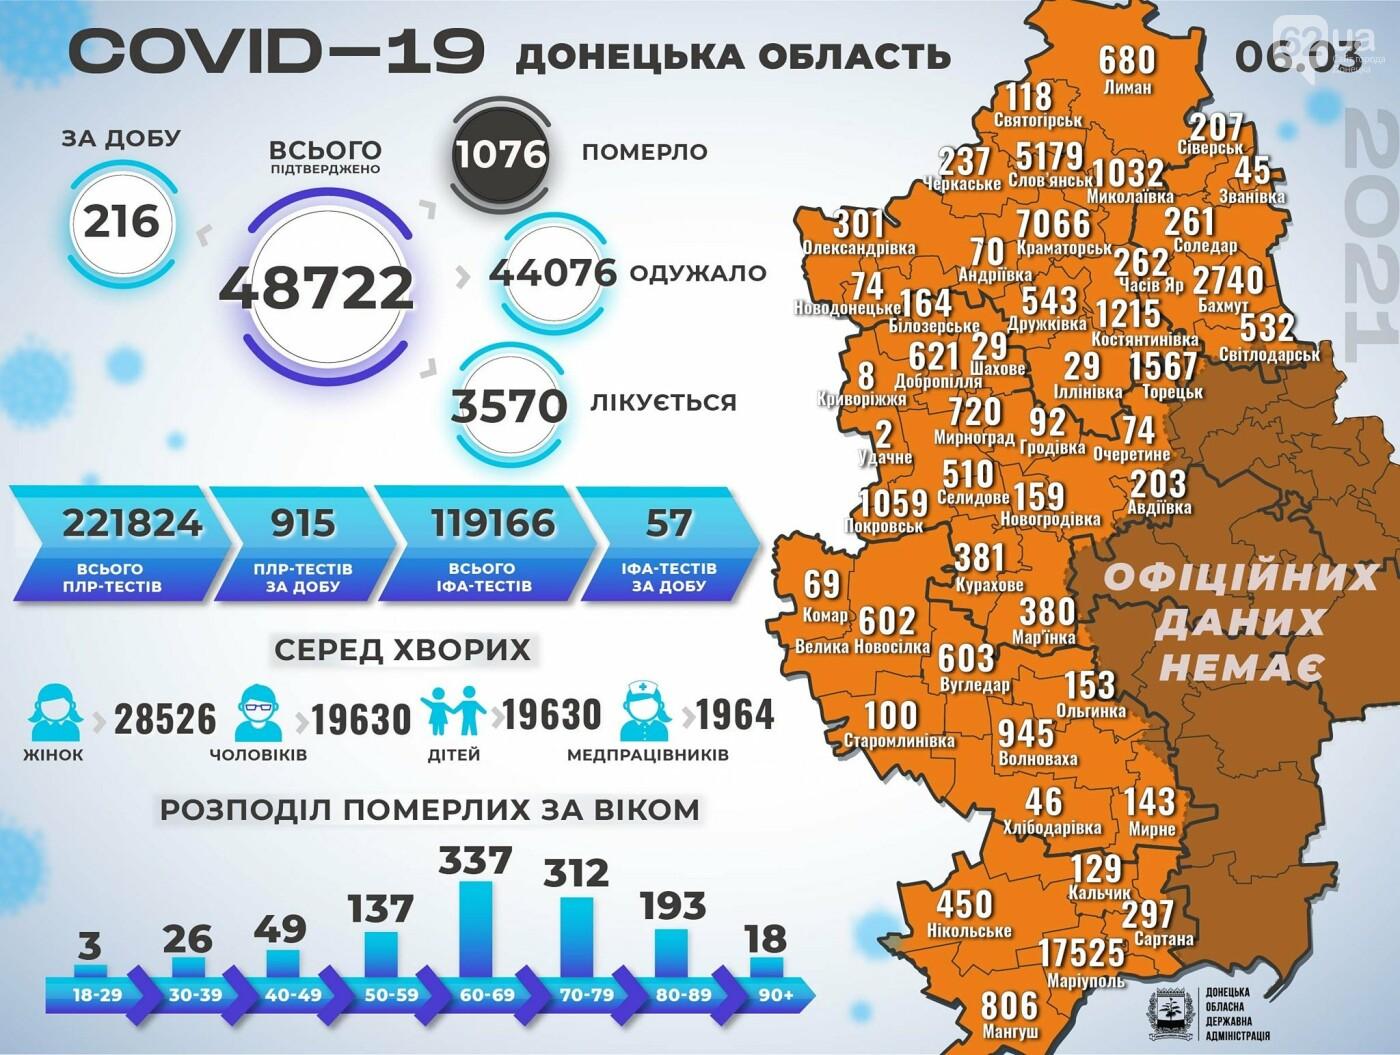 В Донецкой области 216 новых случаев коронавируса, фото-1